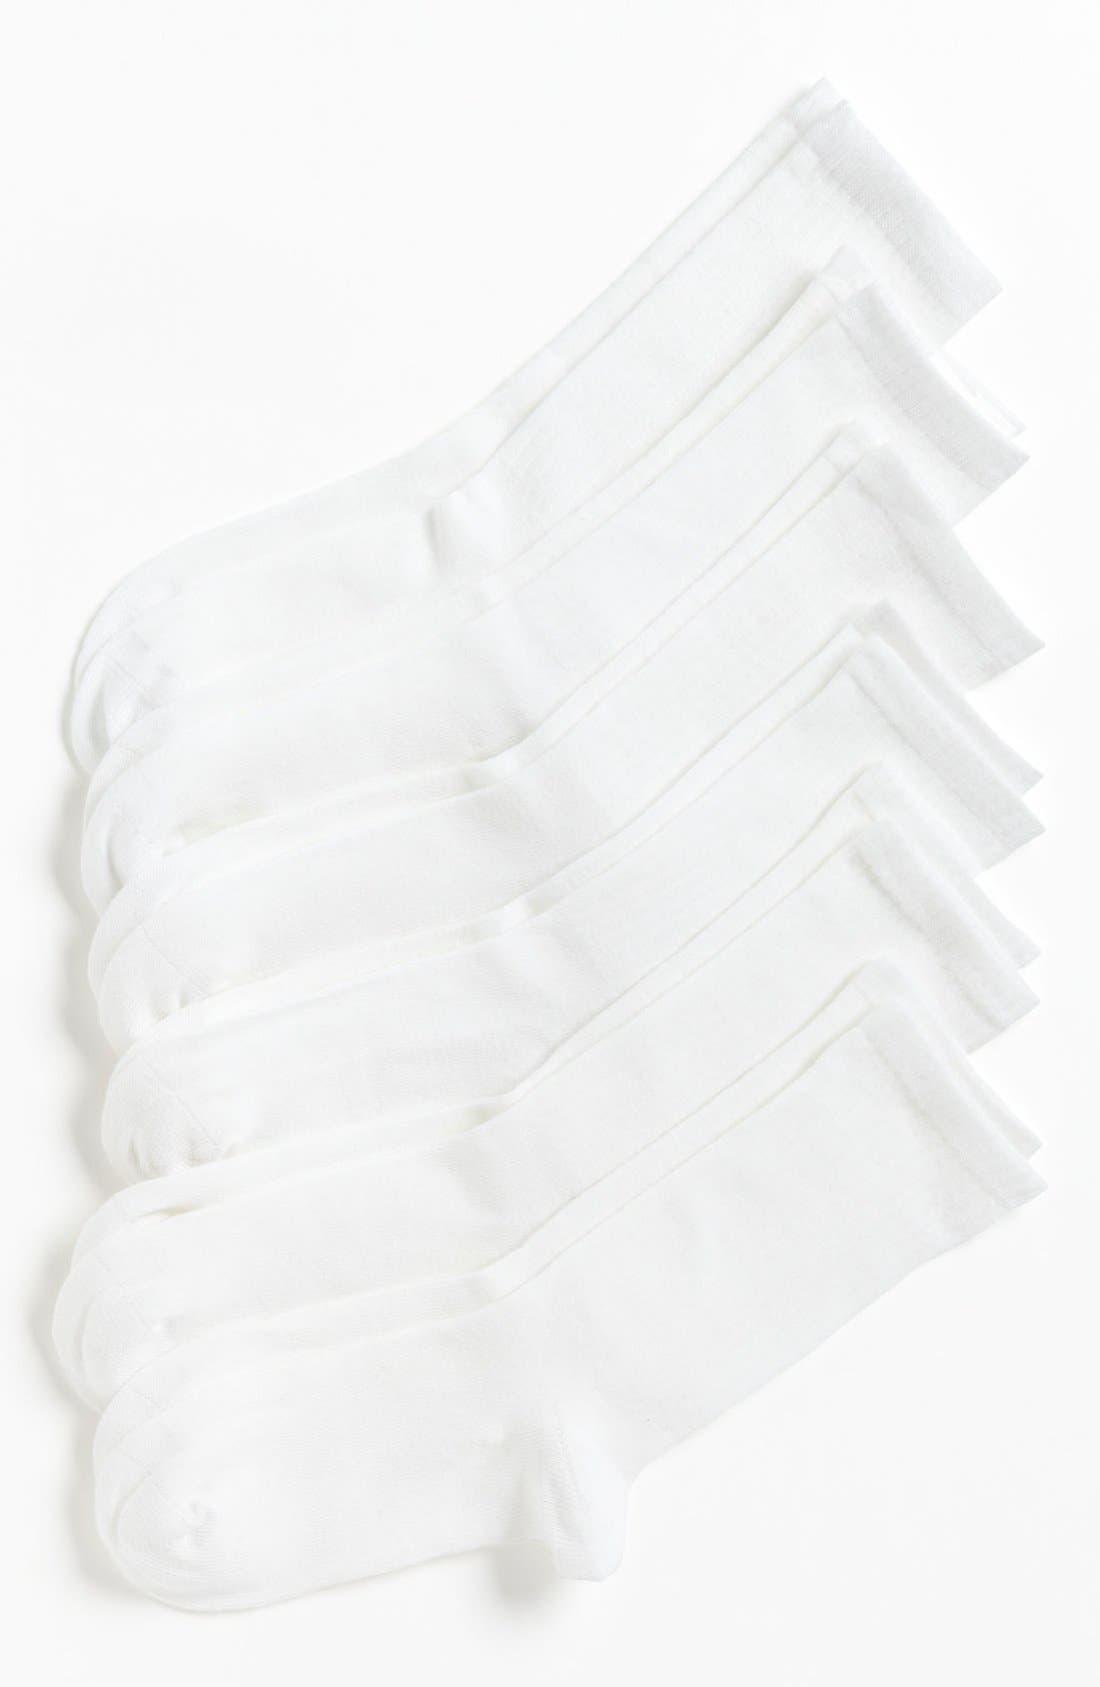 Alternate Image 1 Selected - Nordstrom Crew Socks (6-Pack) (Toddler, Little Boys & Big Boys)